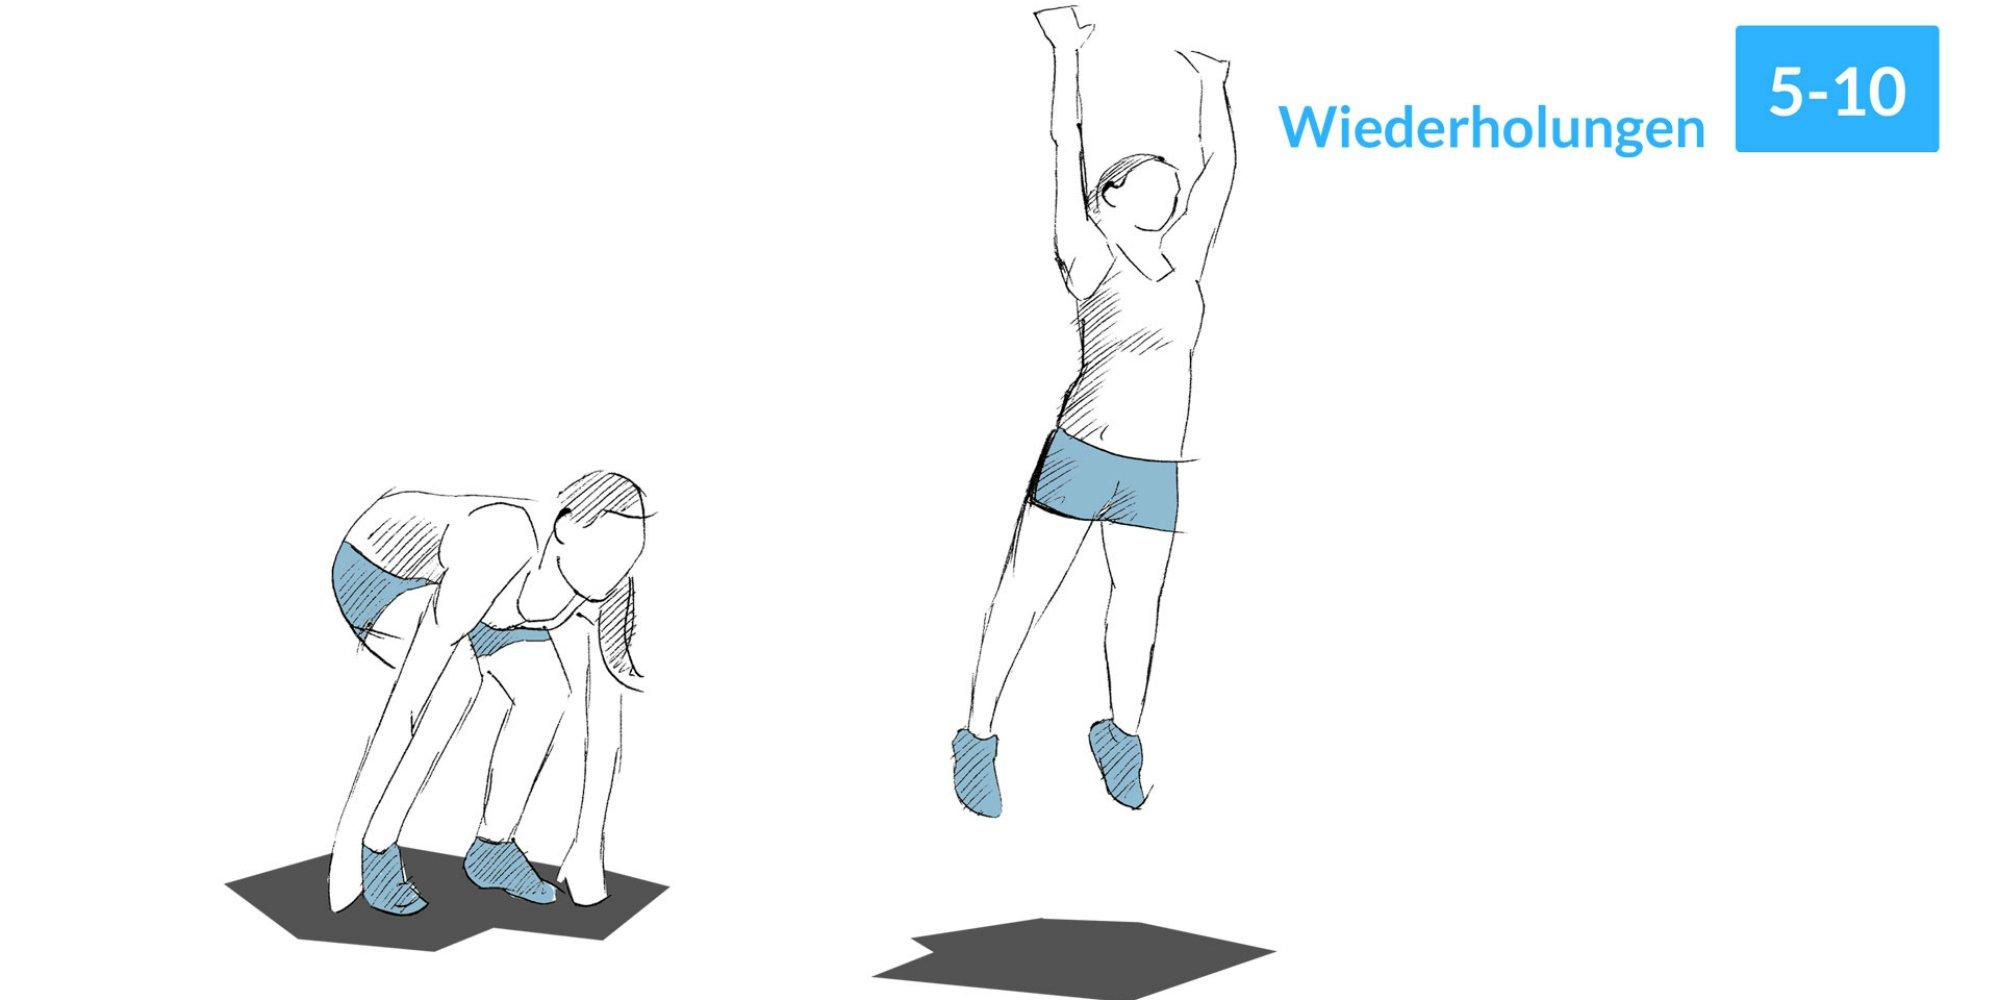 Kniebeugen mit Strecksprung sind ein gutes Ganzkörpertraining.